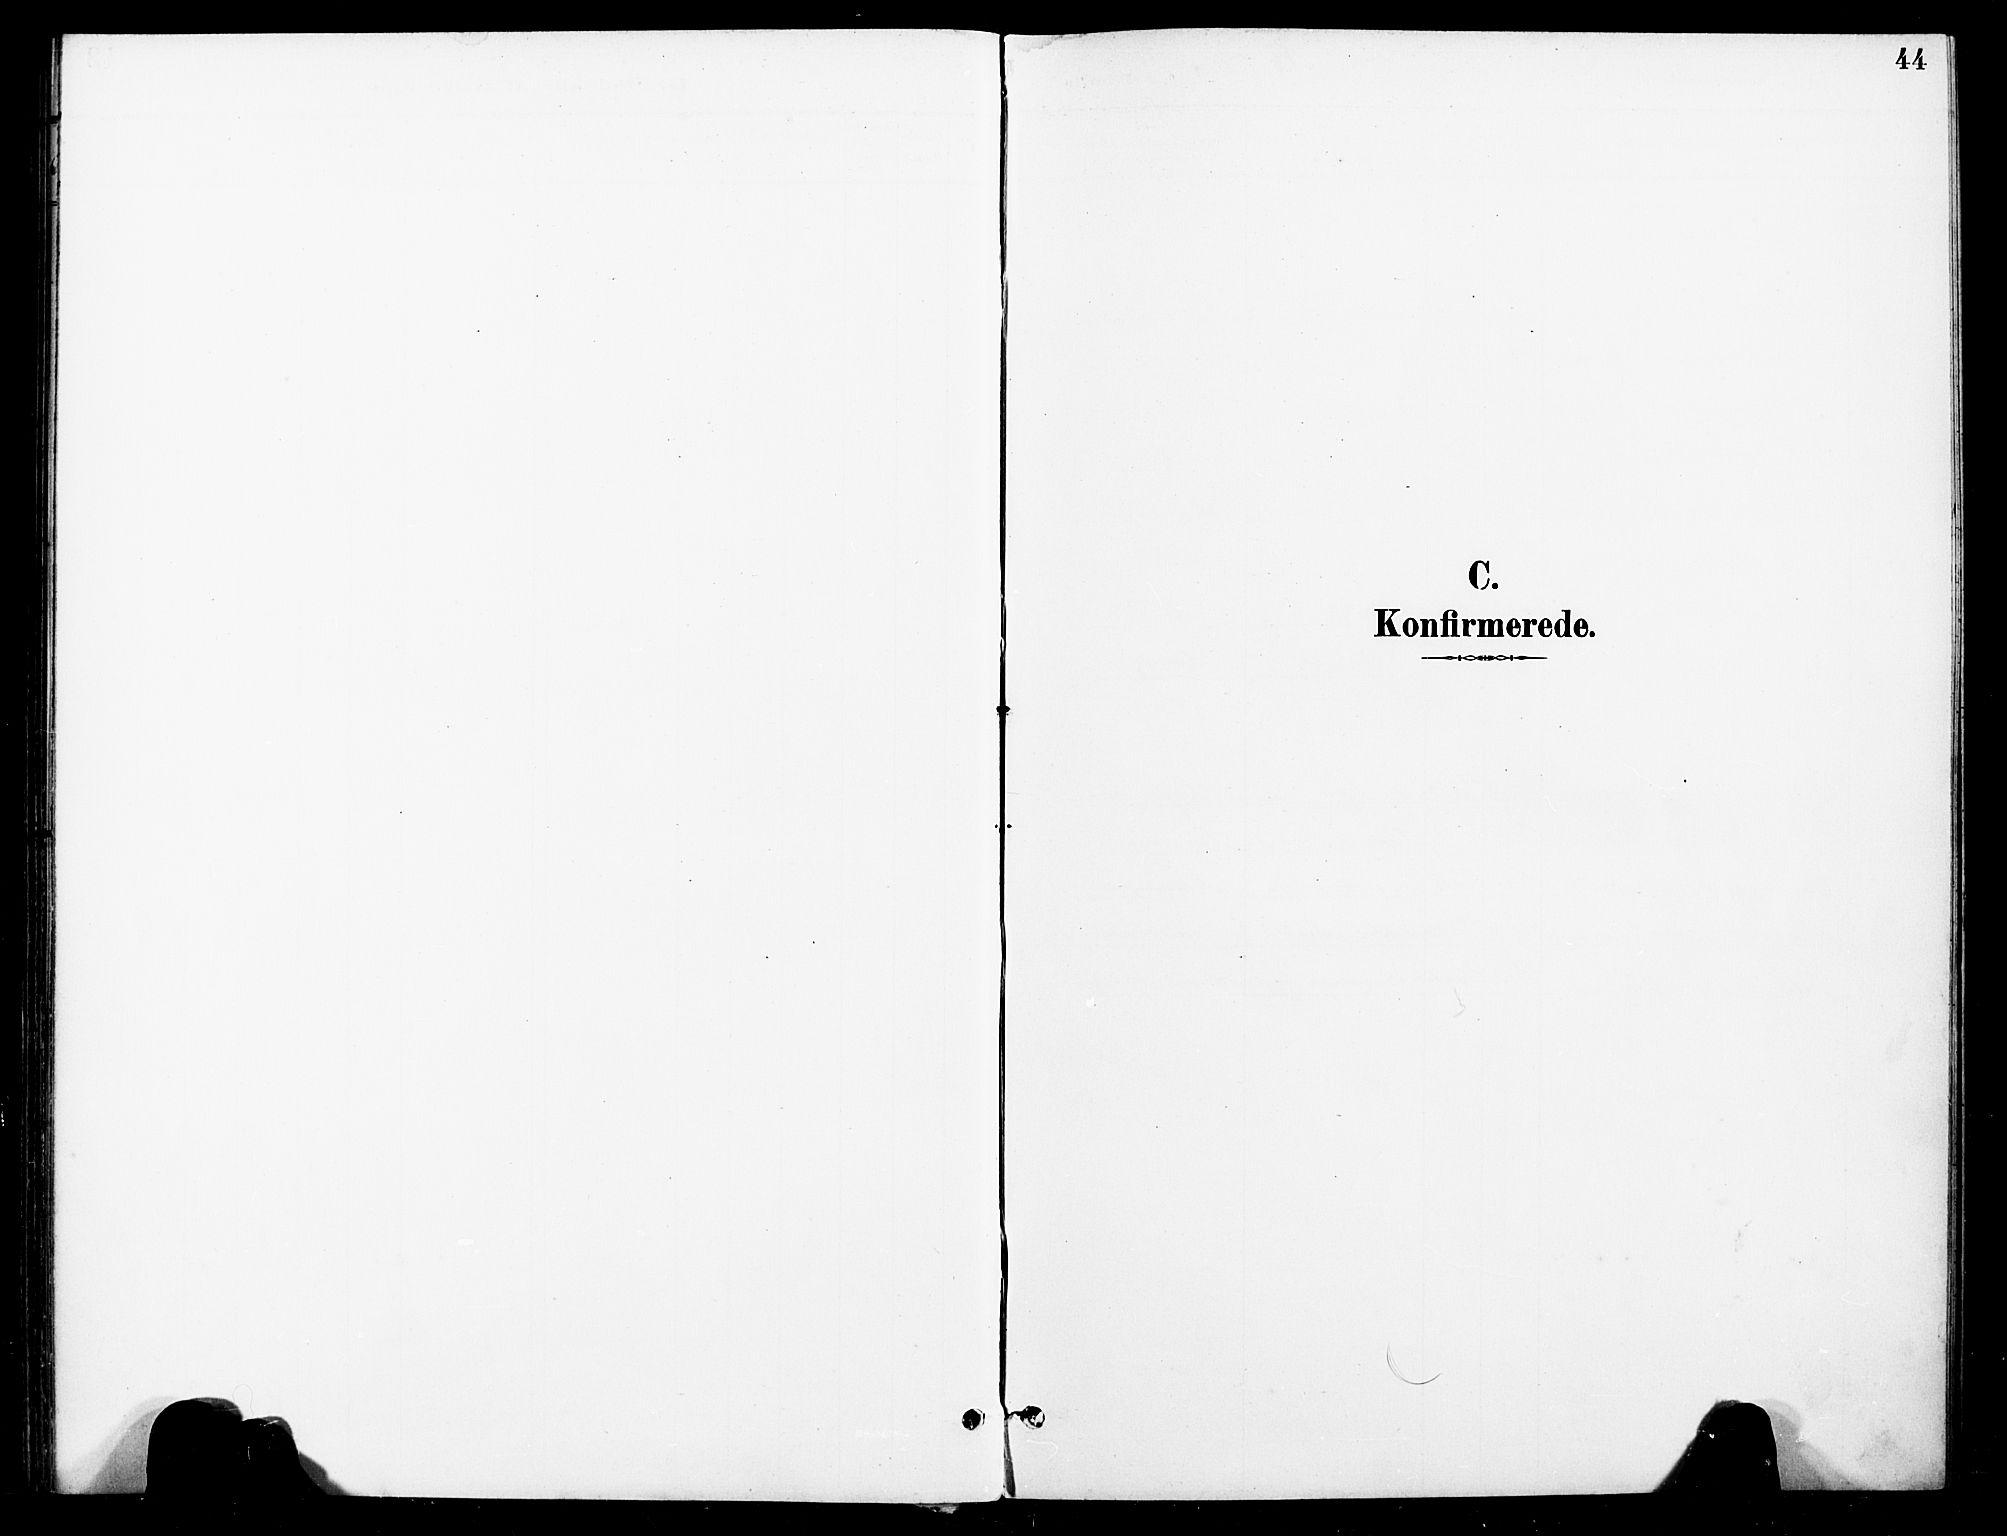 SAT, Ministerialprotokoller, klokkerbøker og fødselsregistre - Nord-Trøndelag, 740/L0379: Ministerialbok nr. 740A02, 1895-1907, s. 44